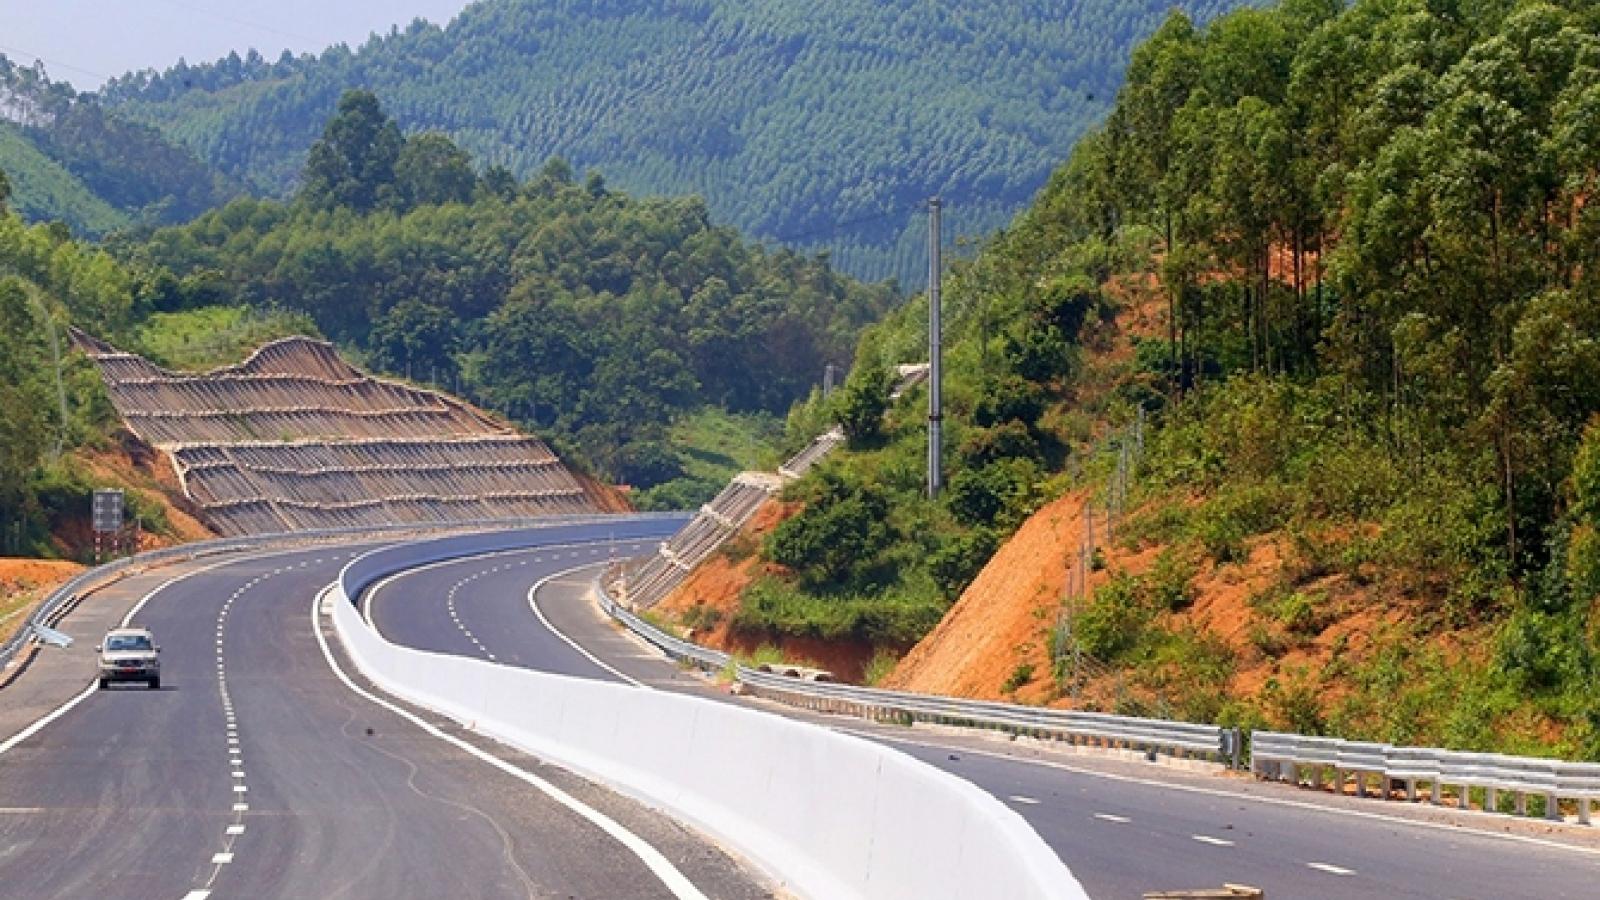 Ngày 30/9, Bộ GTVT sẽ đồng loạt khởi công 3 dự án cao tốc Bắc - Nam